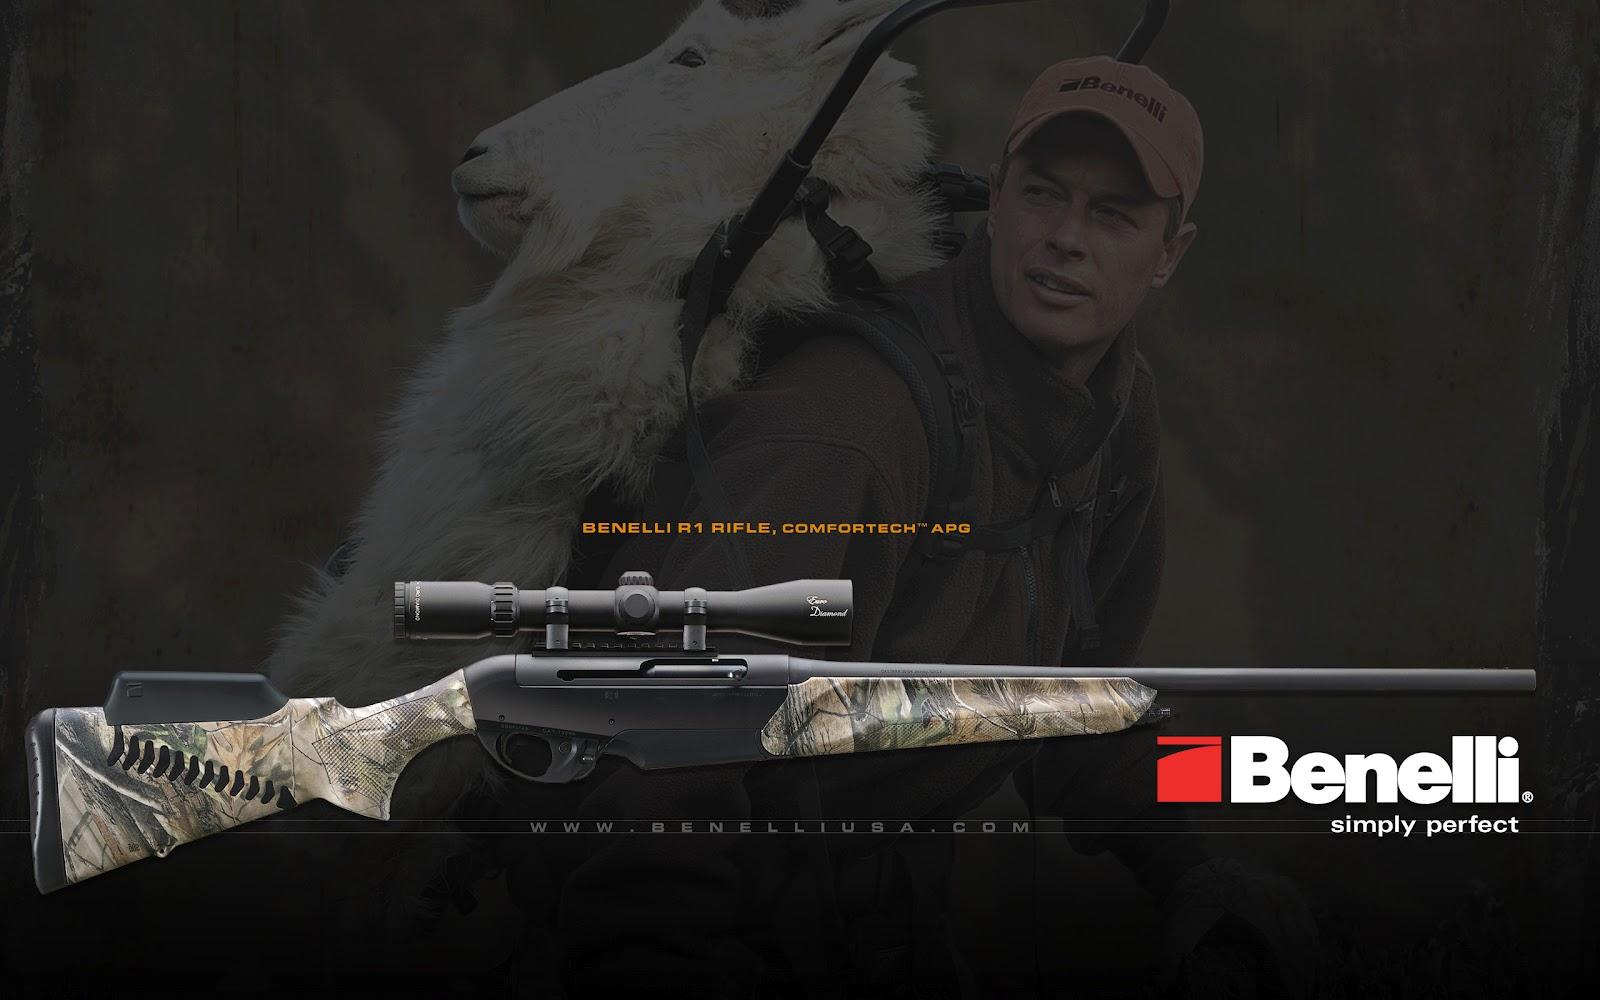 7b38c69ea2 BENELLI R1 Τυφέκιο για Κυνήγι Μεγάλων Θηραμάτων!